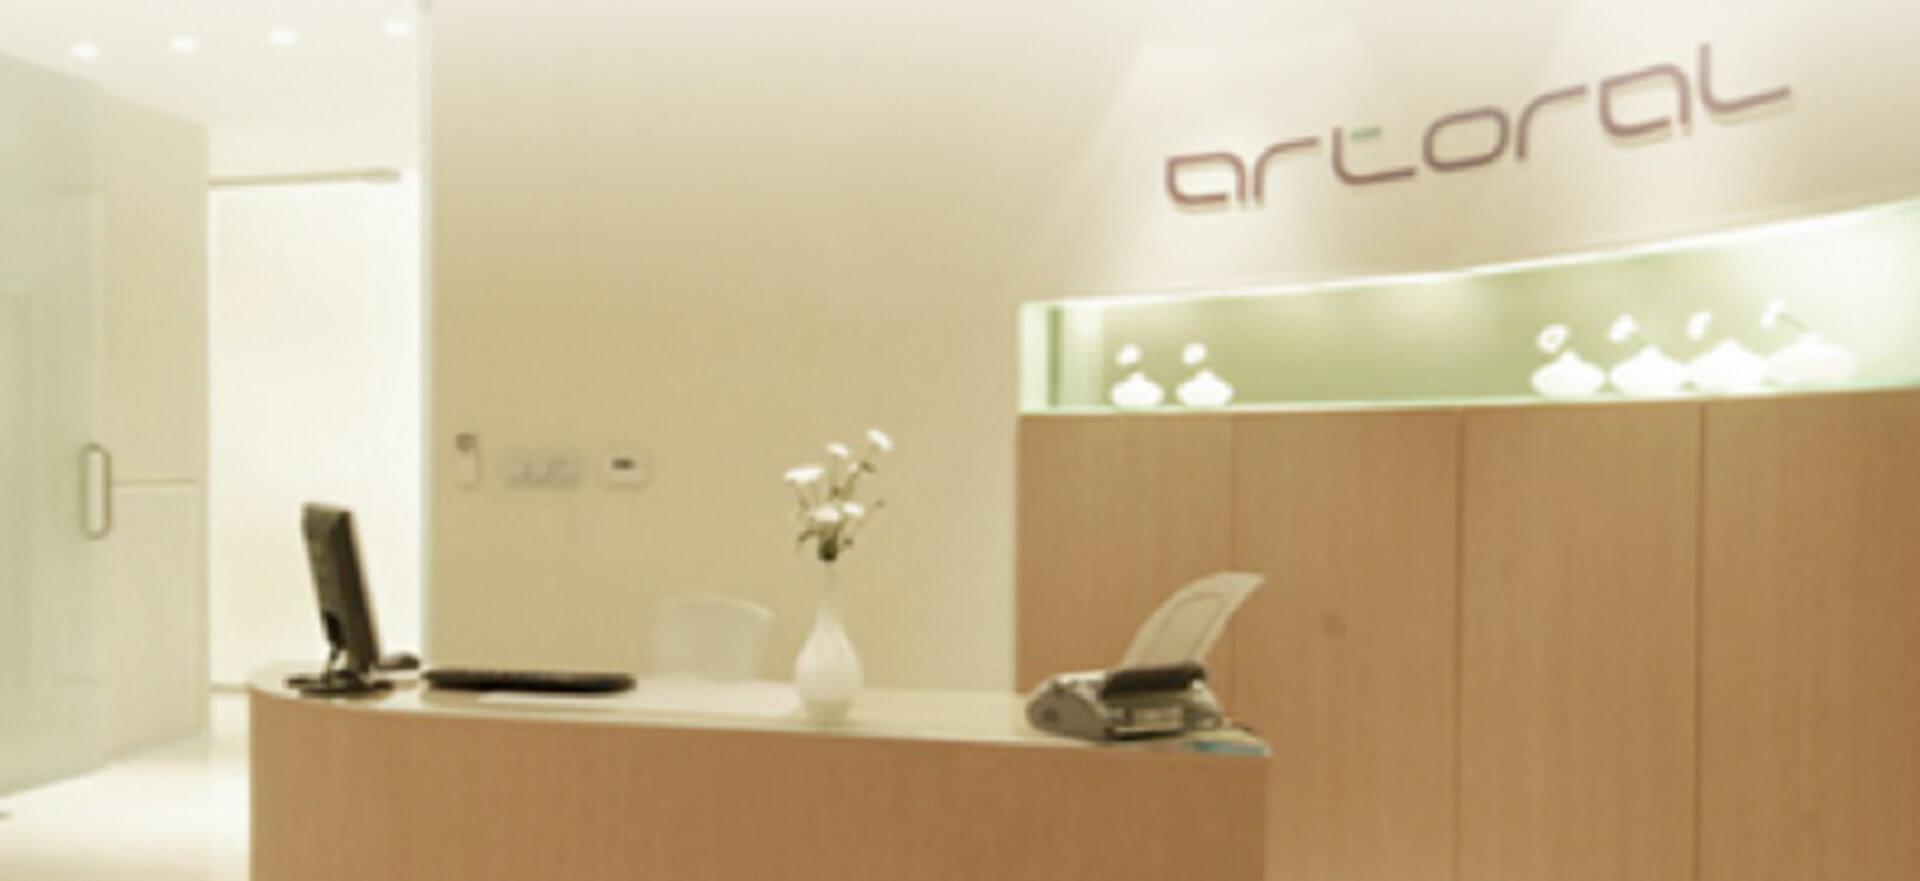 Artoral Dental Center